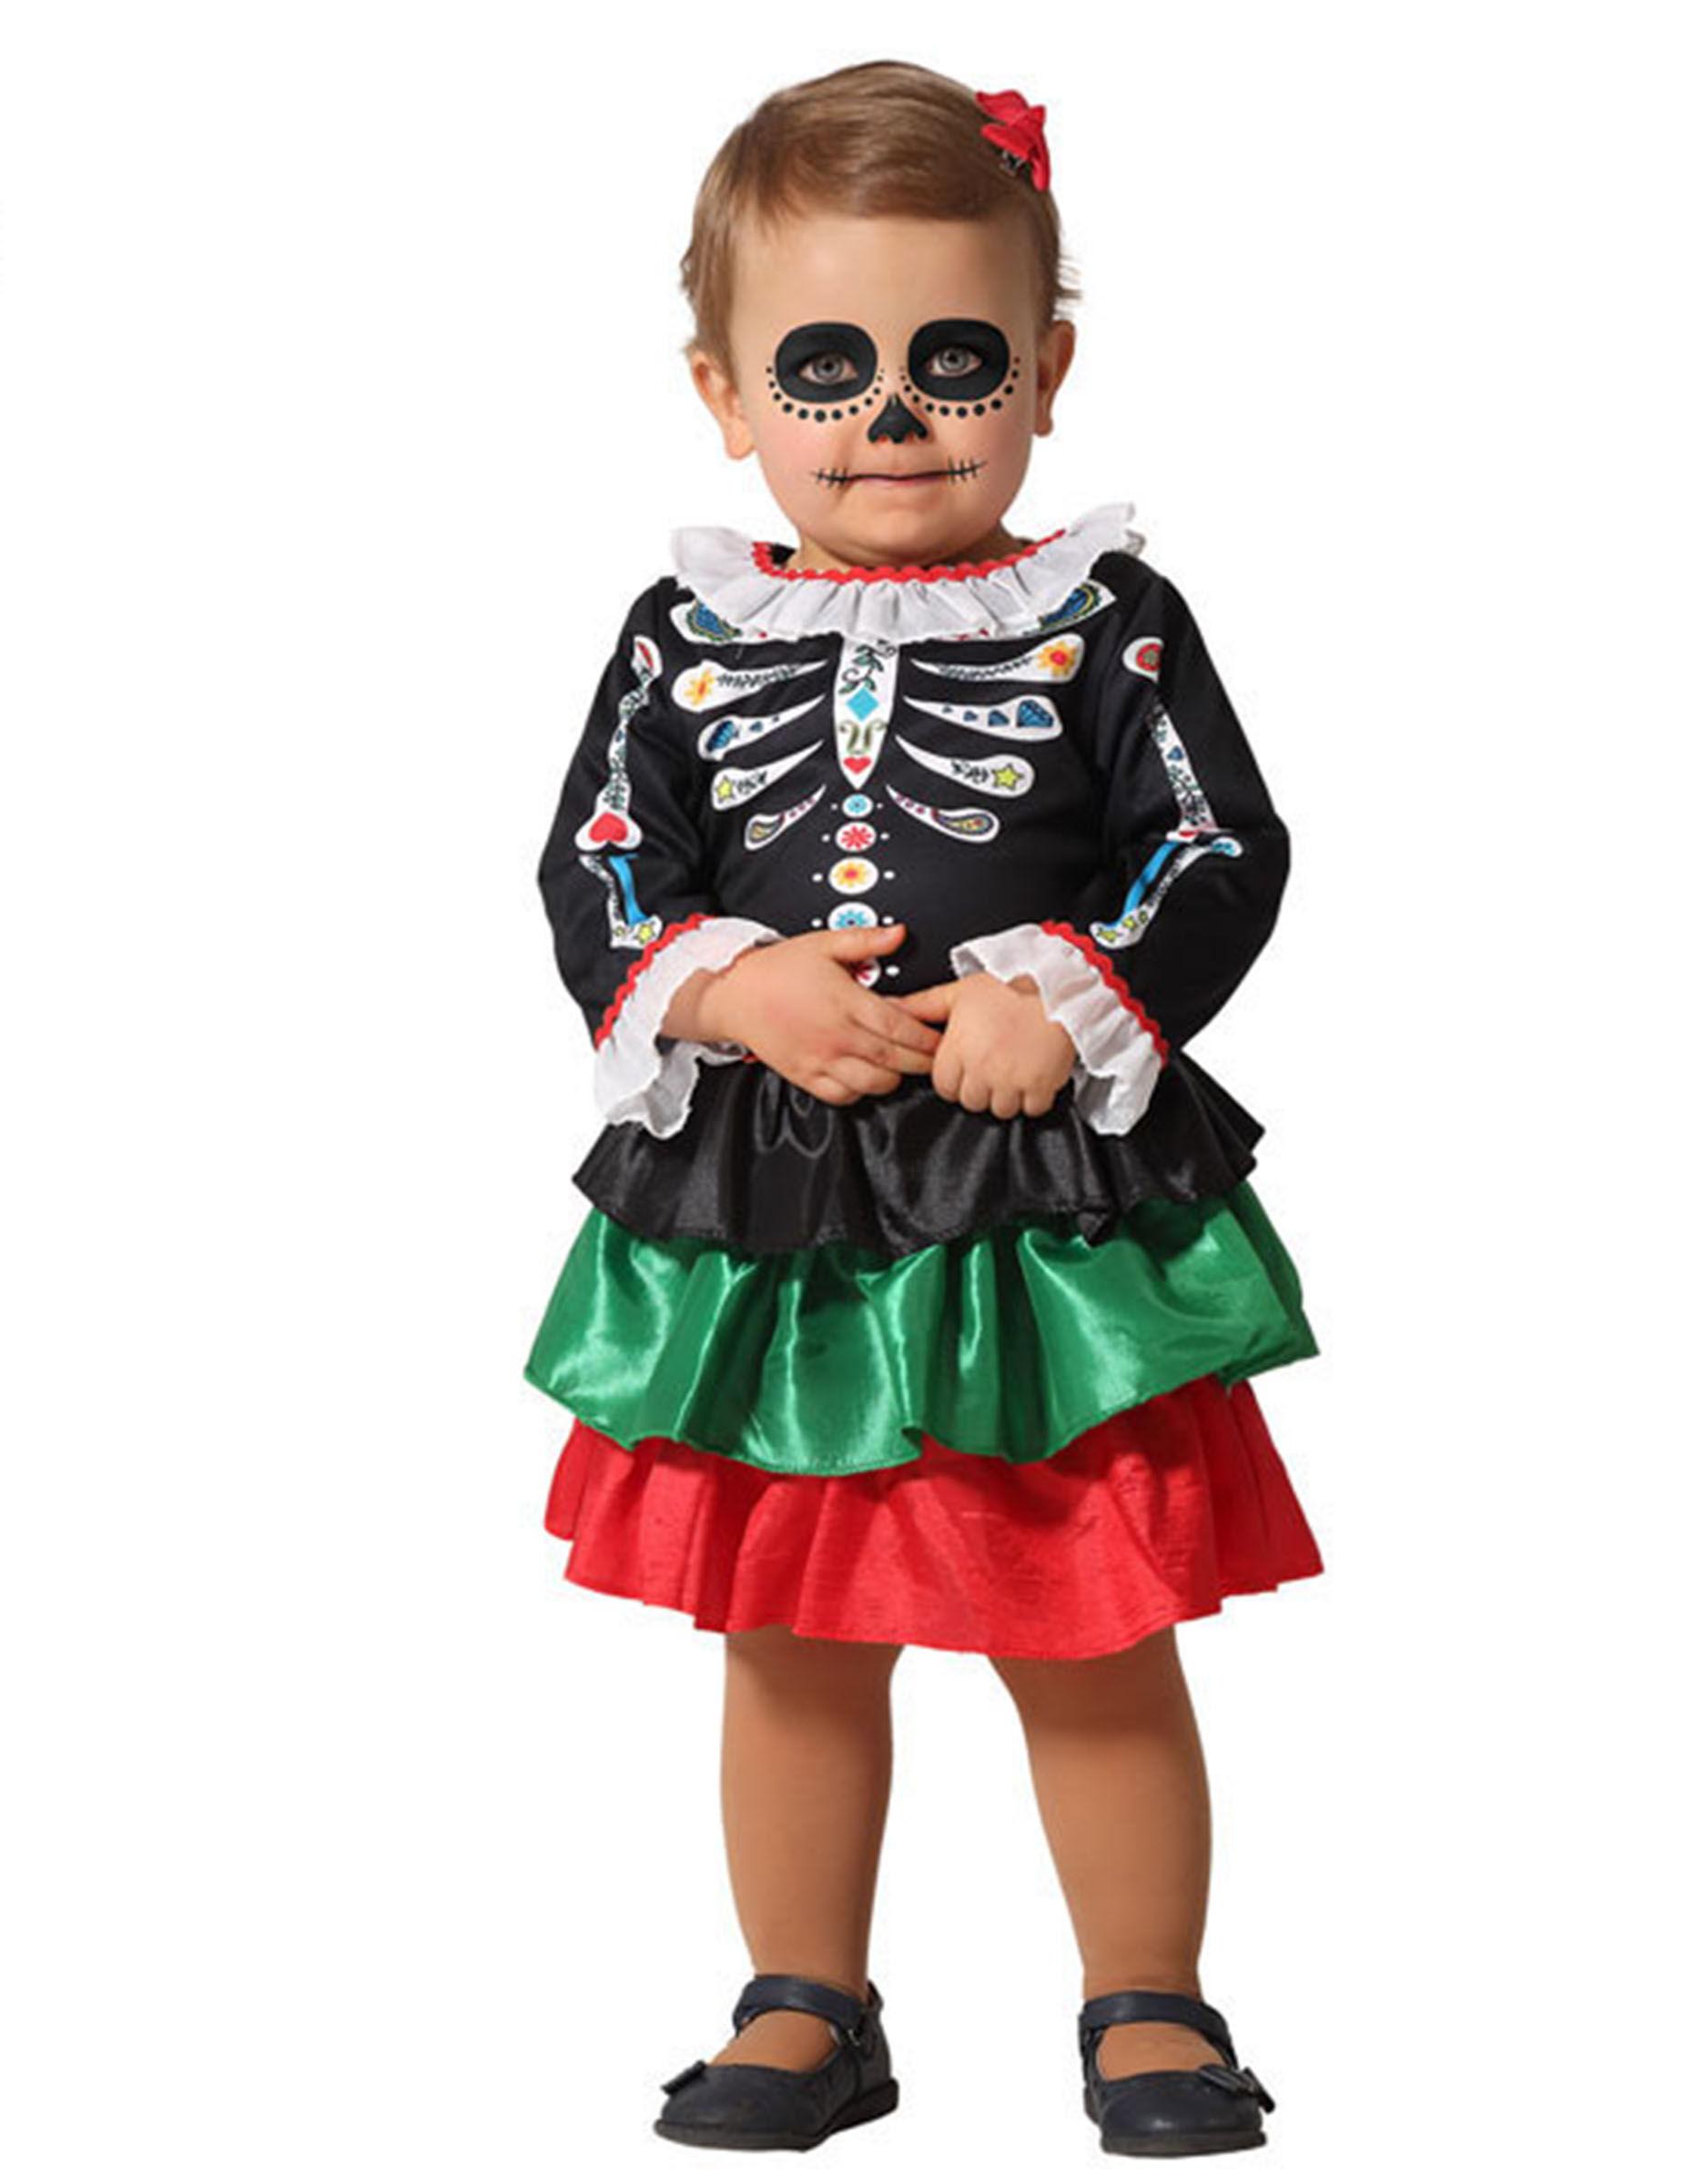 Deguisetoi Déguisement squelette Dia de los muertos bébé fille - Taille: 12-24 mois (88 cm)